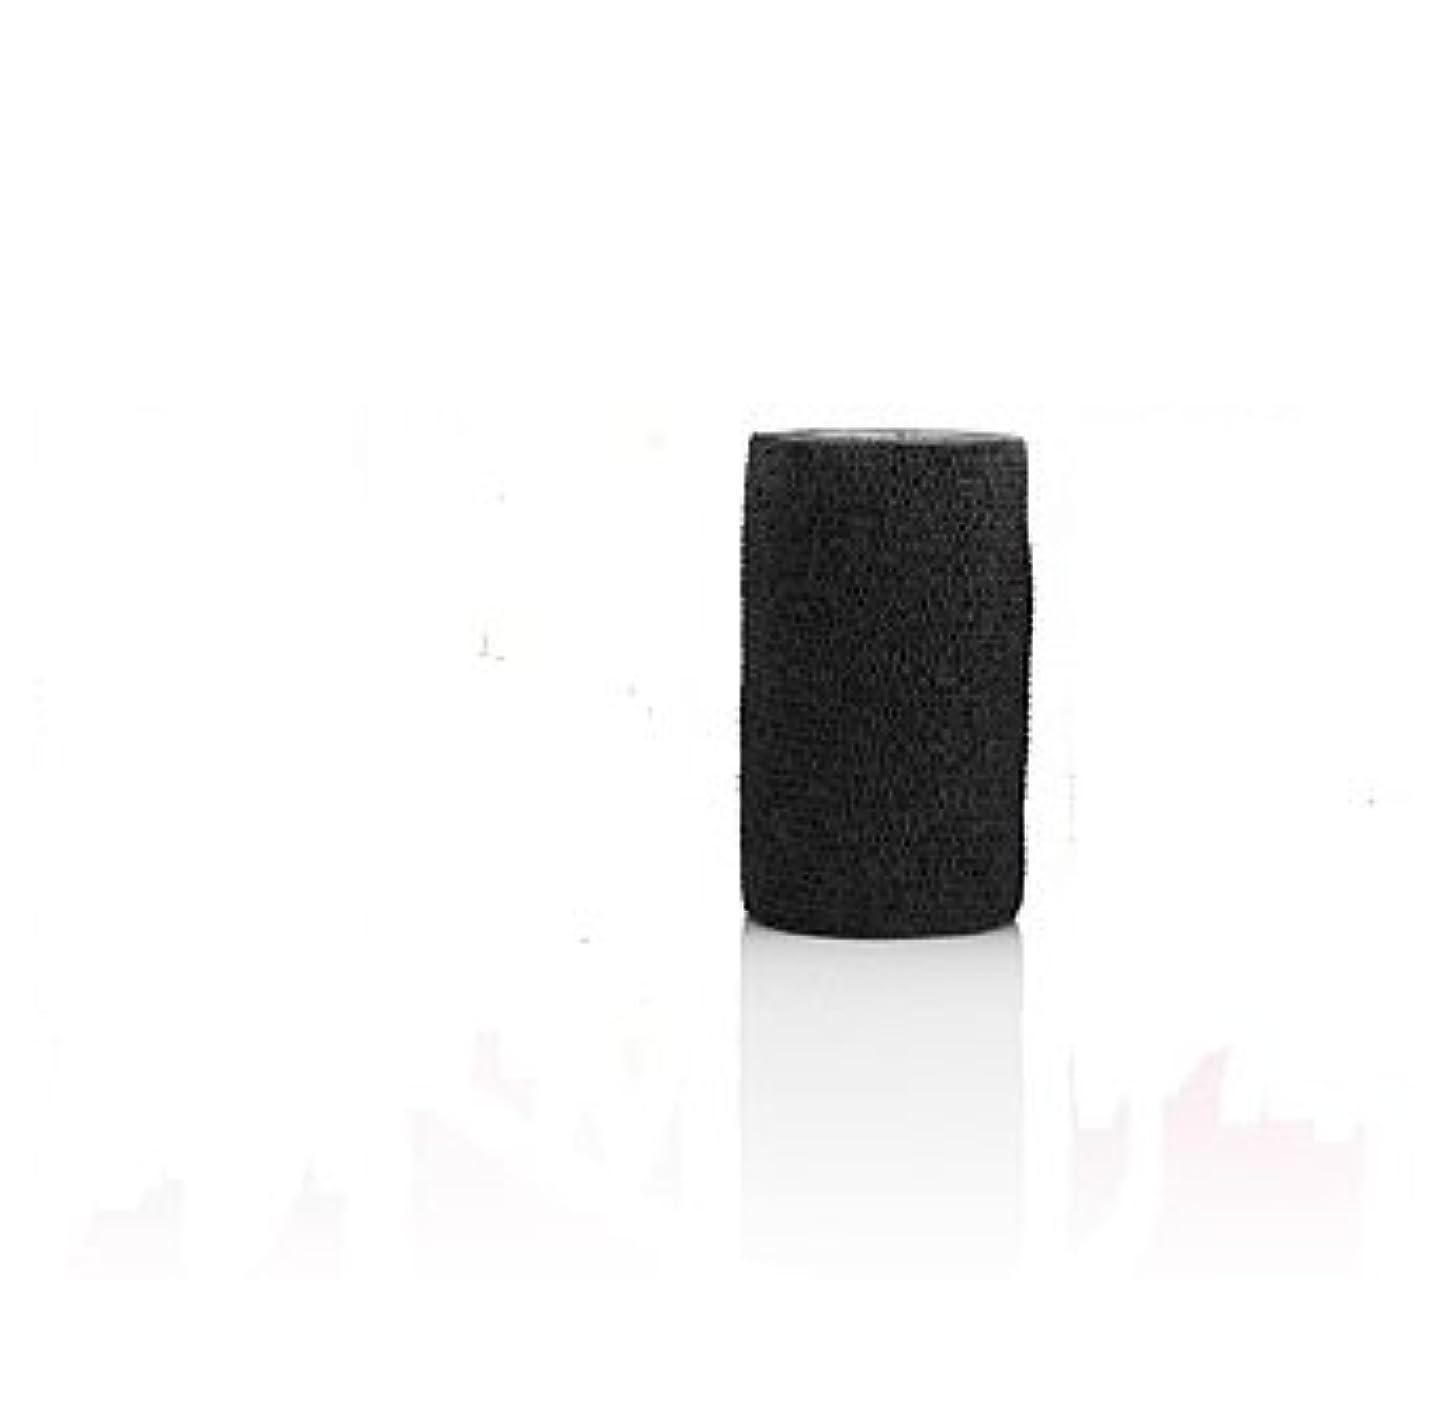 シェーバー氷あいにくボンテージ用バンテージ(黒)